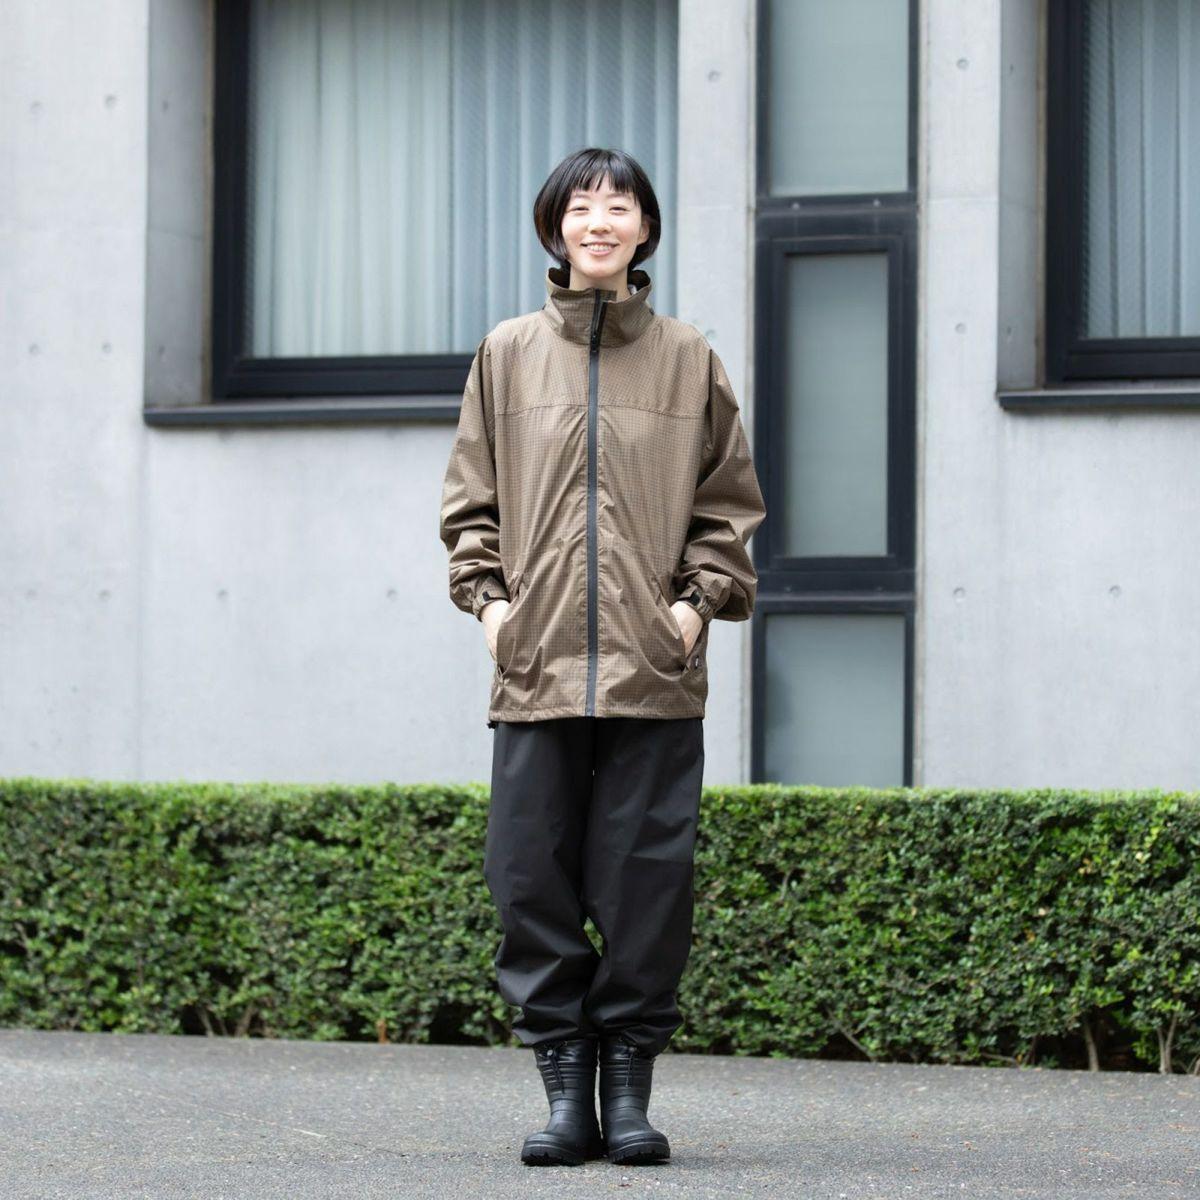 詳細:着用イメージ マッシュルーム [女性モデルのサイズ]身長:168cm 着用サイズ:L